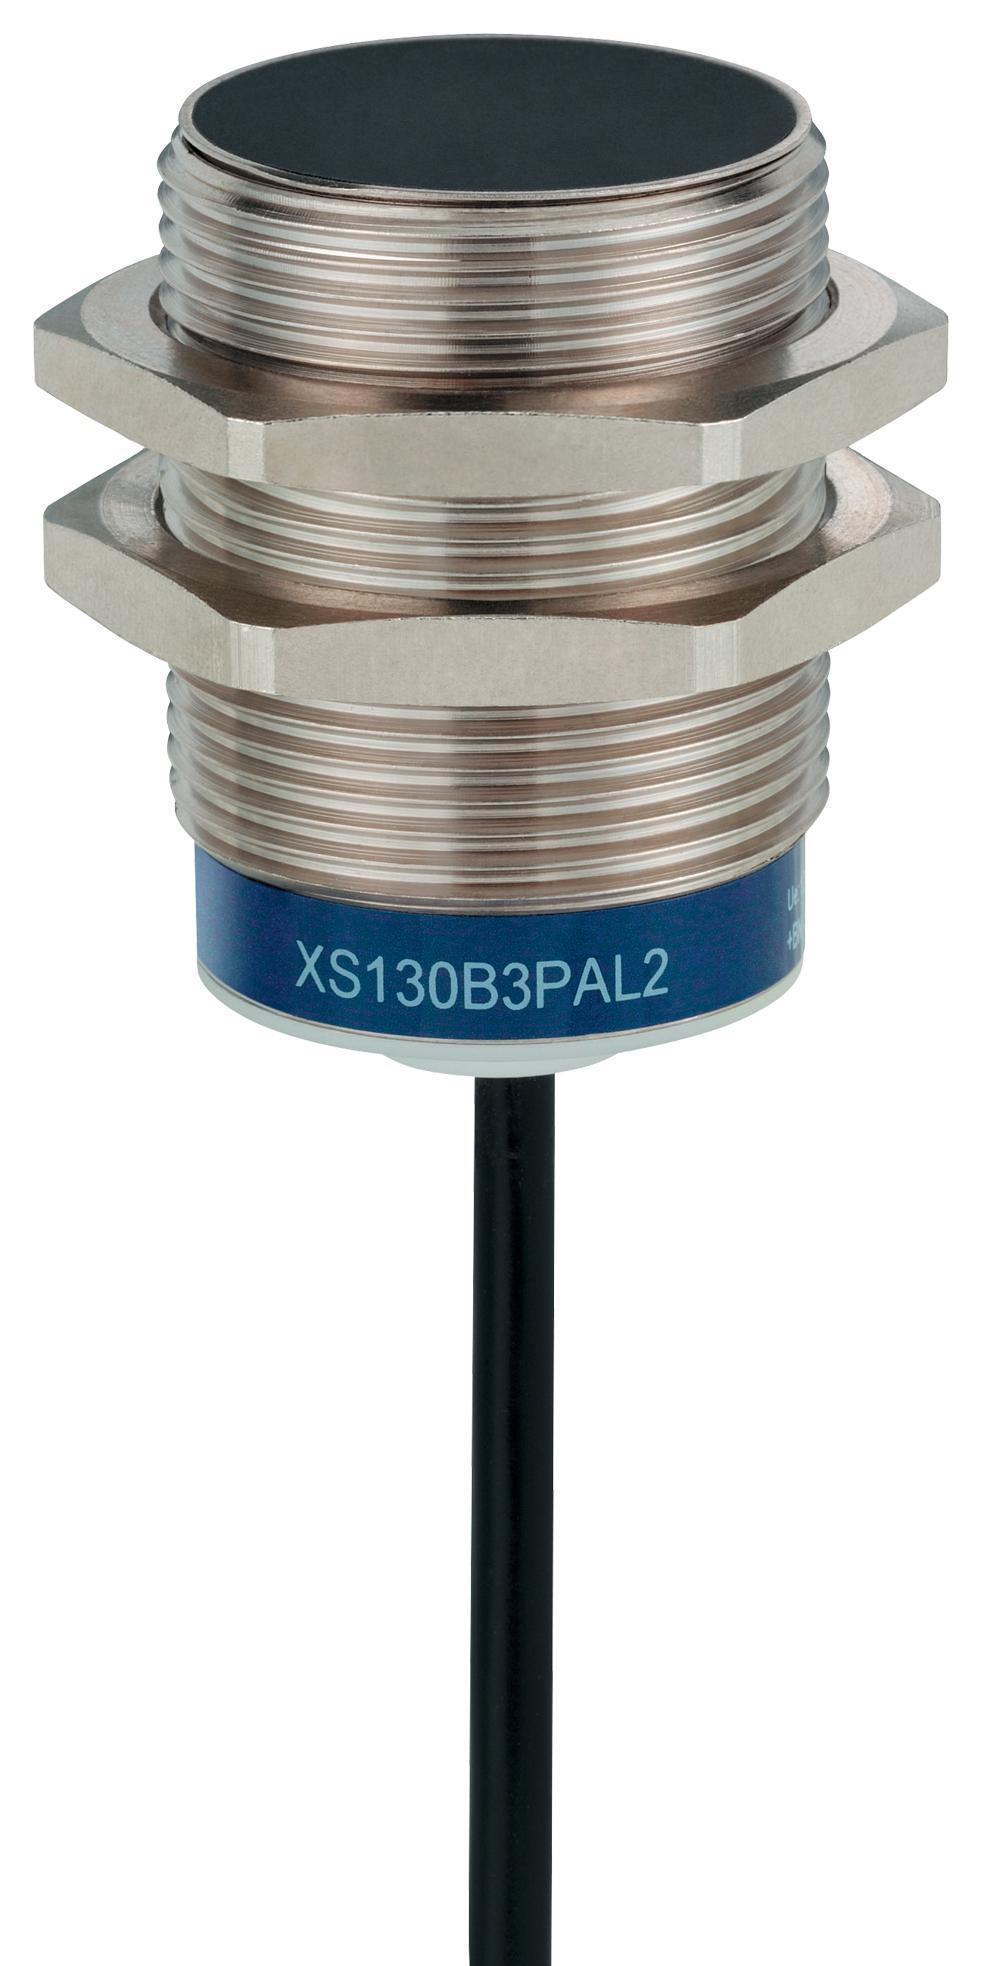 XS530B1PBL2